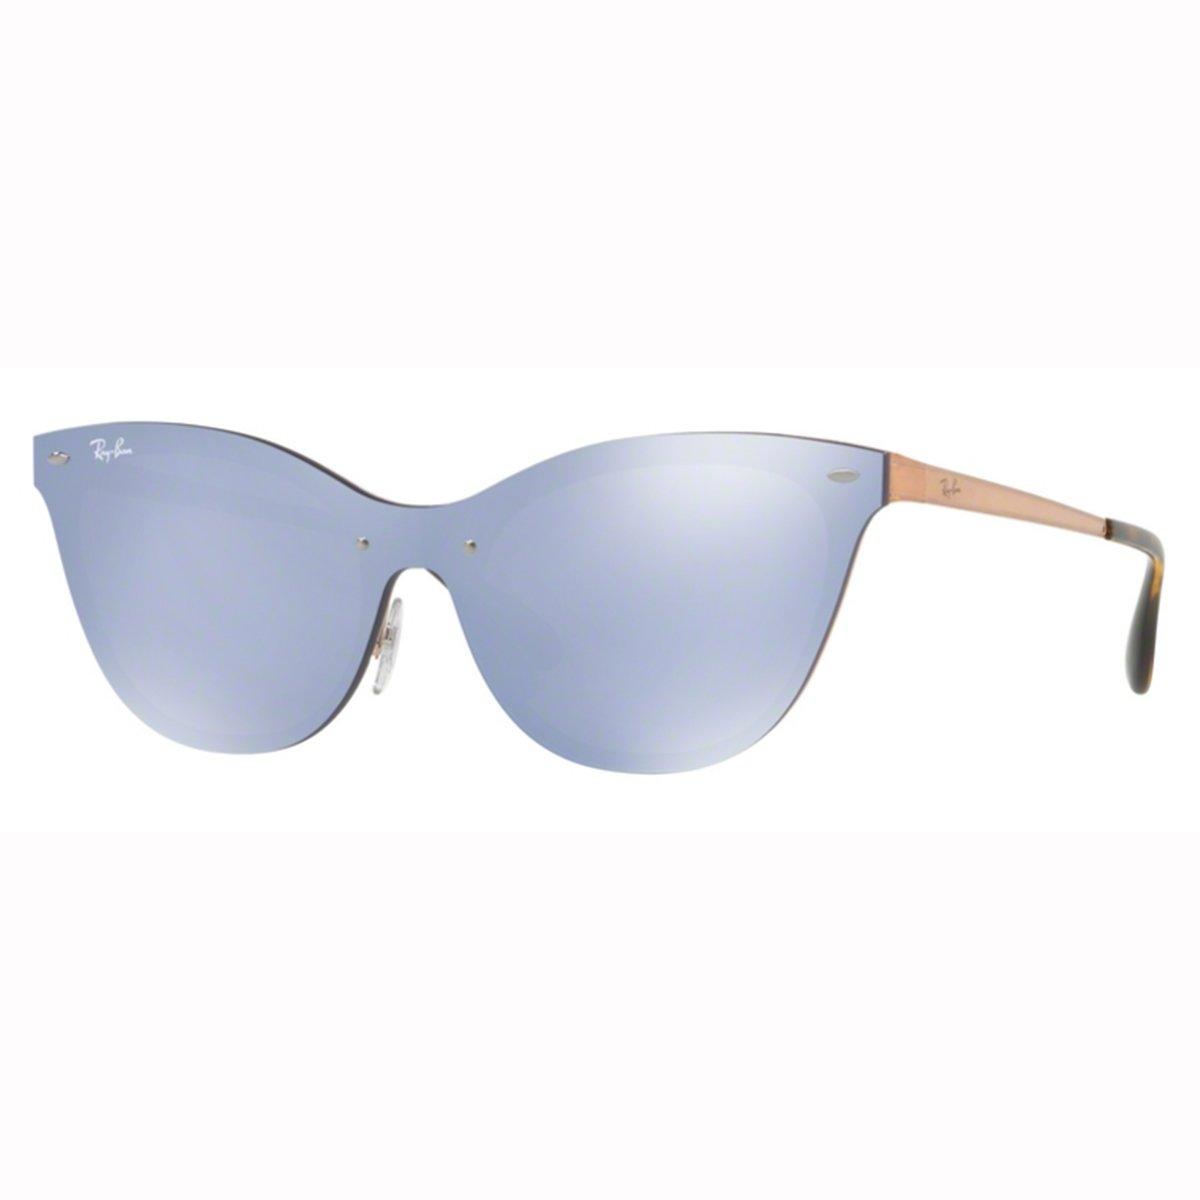 c7a93c8803875 Compre Óculos de Sol Ray Ban Blaze Cat Eye em 10X